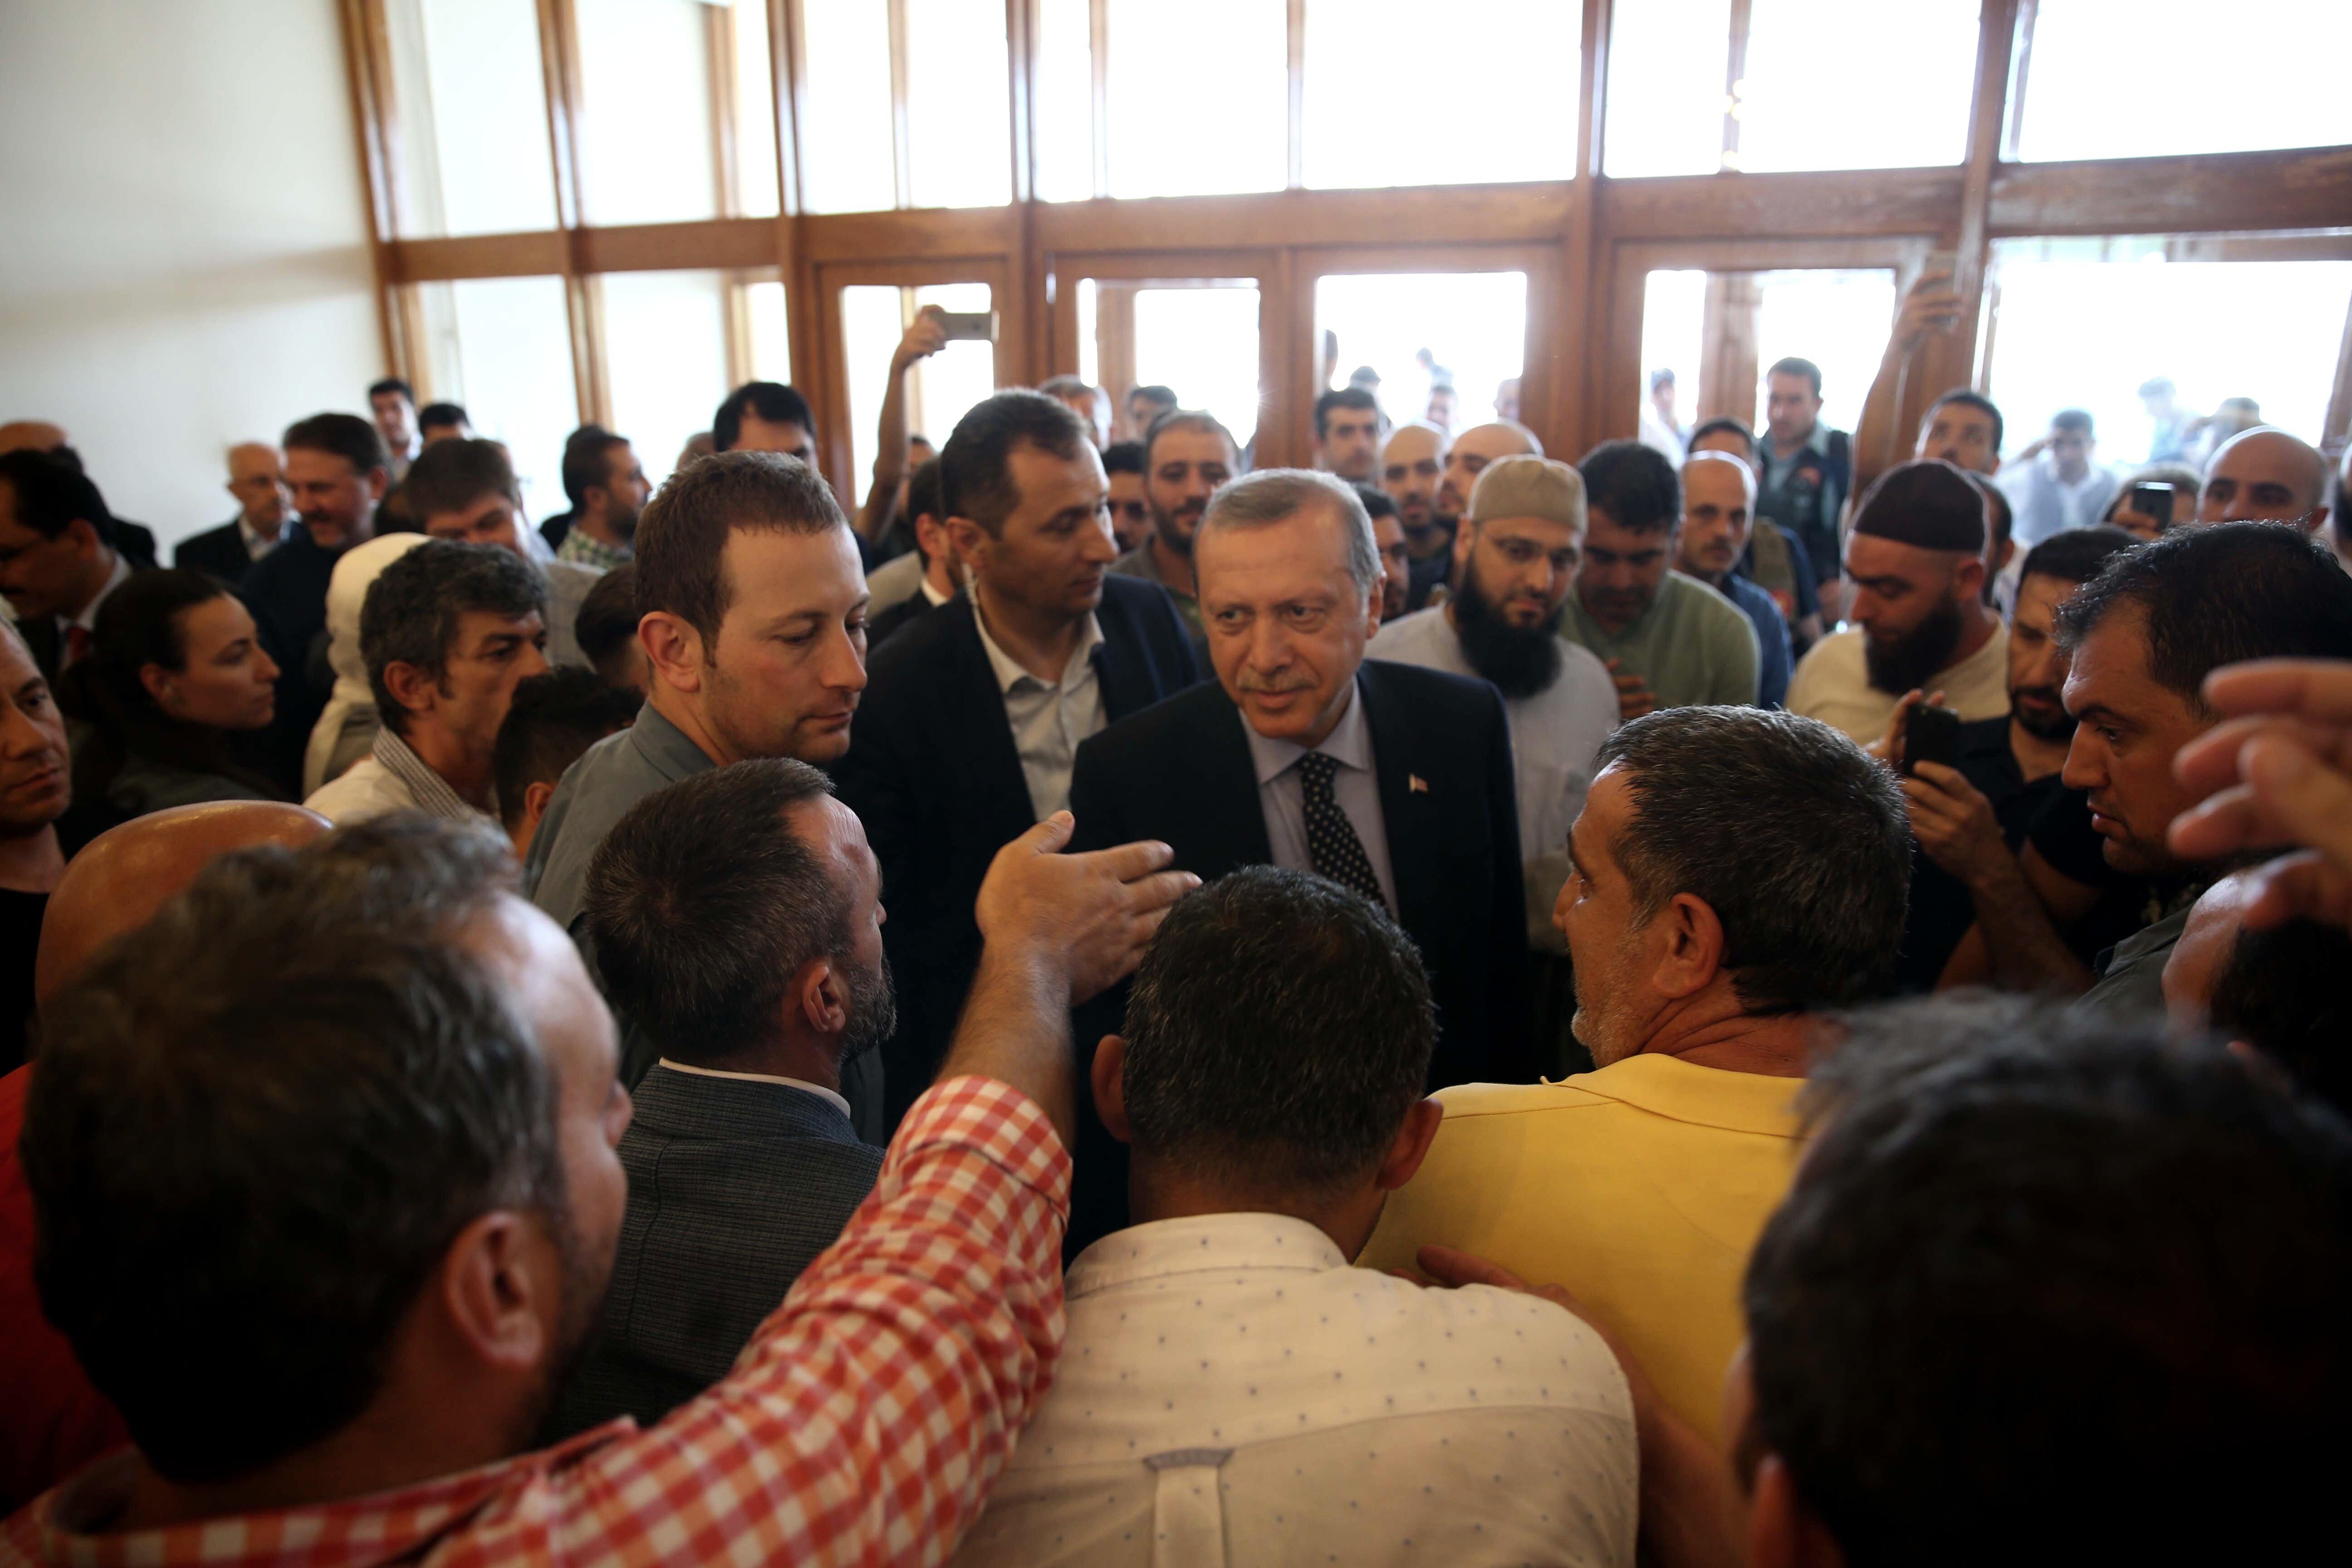 Durum normalleşene kadar milletin sokaktan ayrılmaması gerektiğini belirten Erdoğan, birlik ve beraberlik vurgusu yaptı.